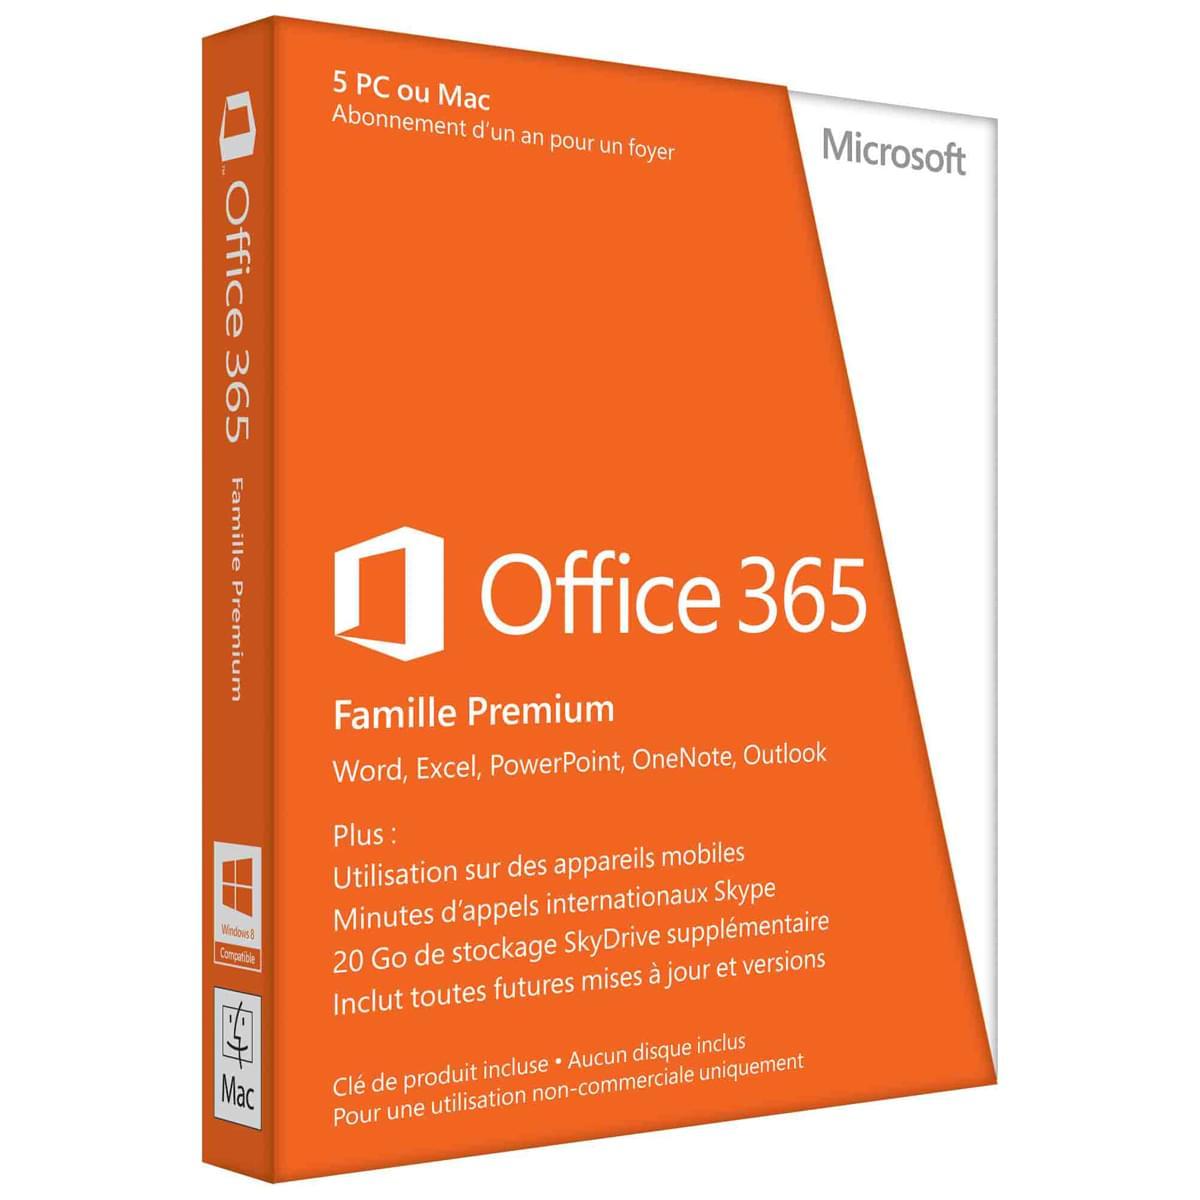 Microsoft Office 365 Home Premium 1 An / 5 PC + 5 App. Mob. (6GQ-00045) - Achat / Vente Logiciel Suite bureautique sur Cybertek.fr - 0